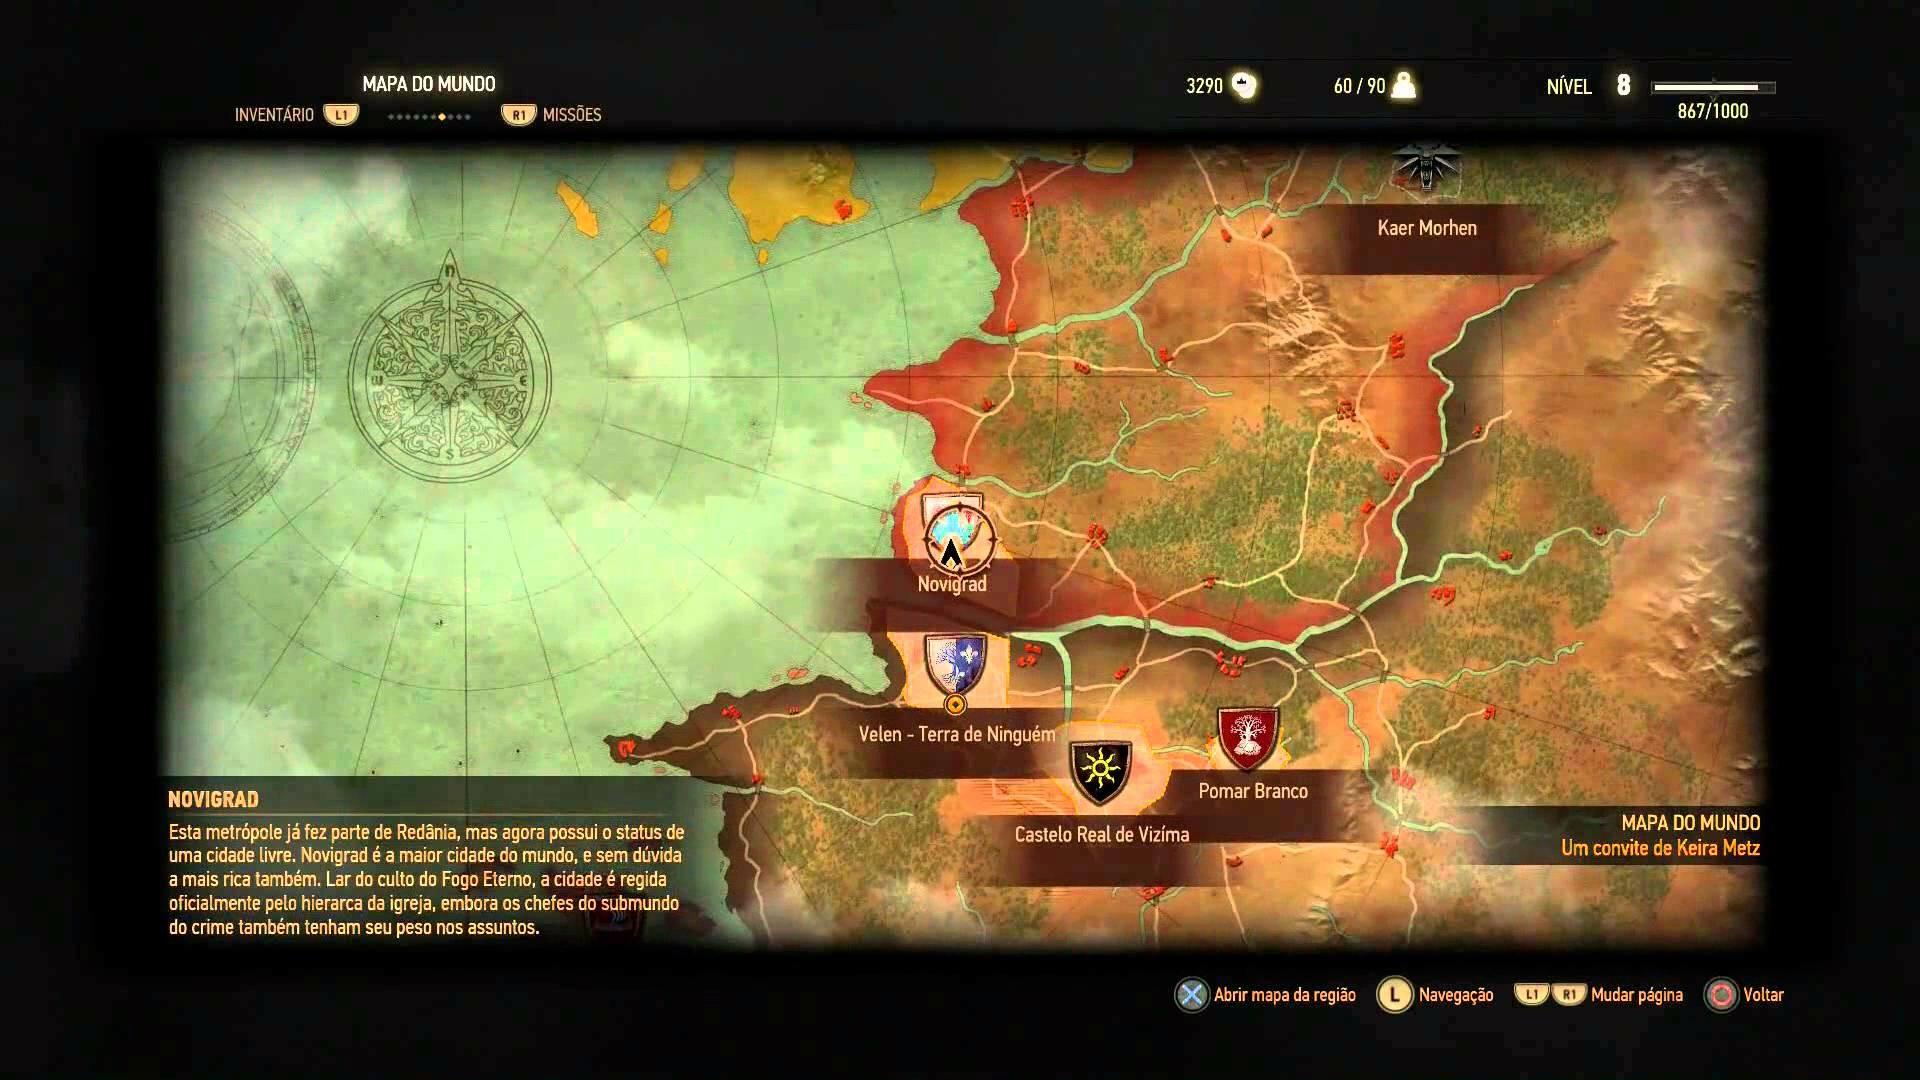 The Witcher 3 - Dicas para o início do jogo (alquimia, craft, gwent, pontos de habilidade)